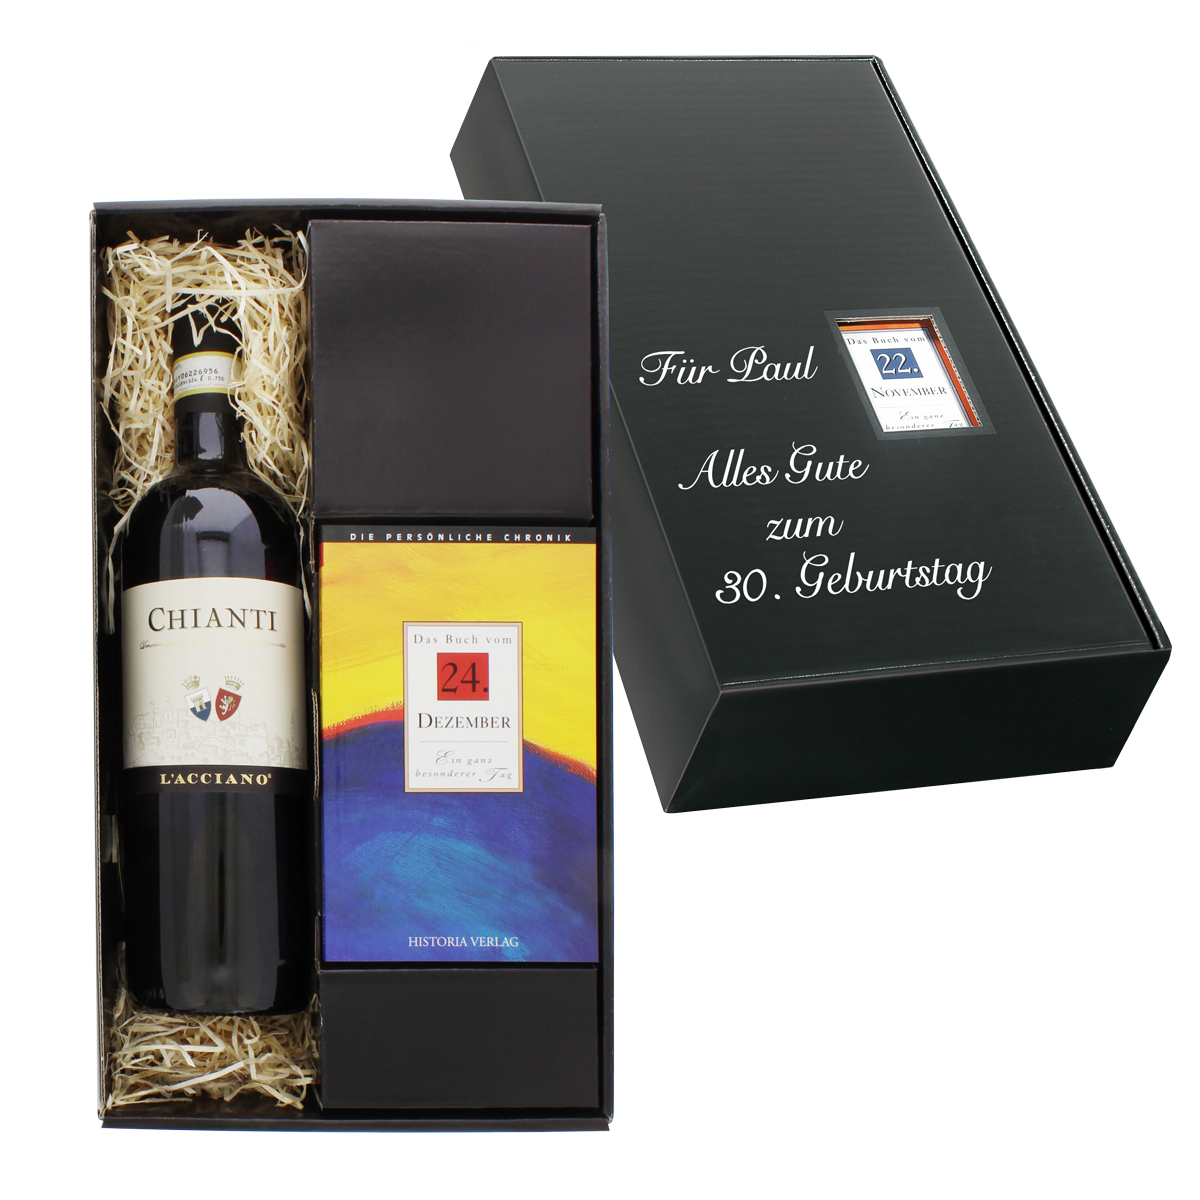 Italien-Set: Tageschronik vom 1. November & Chianti-Wein